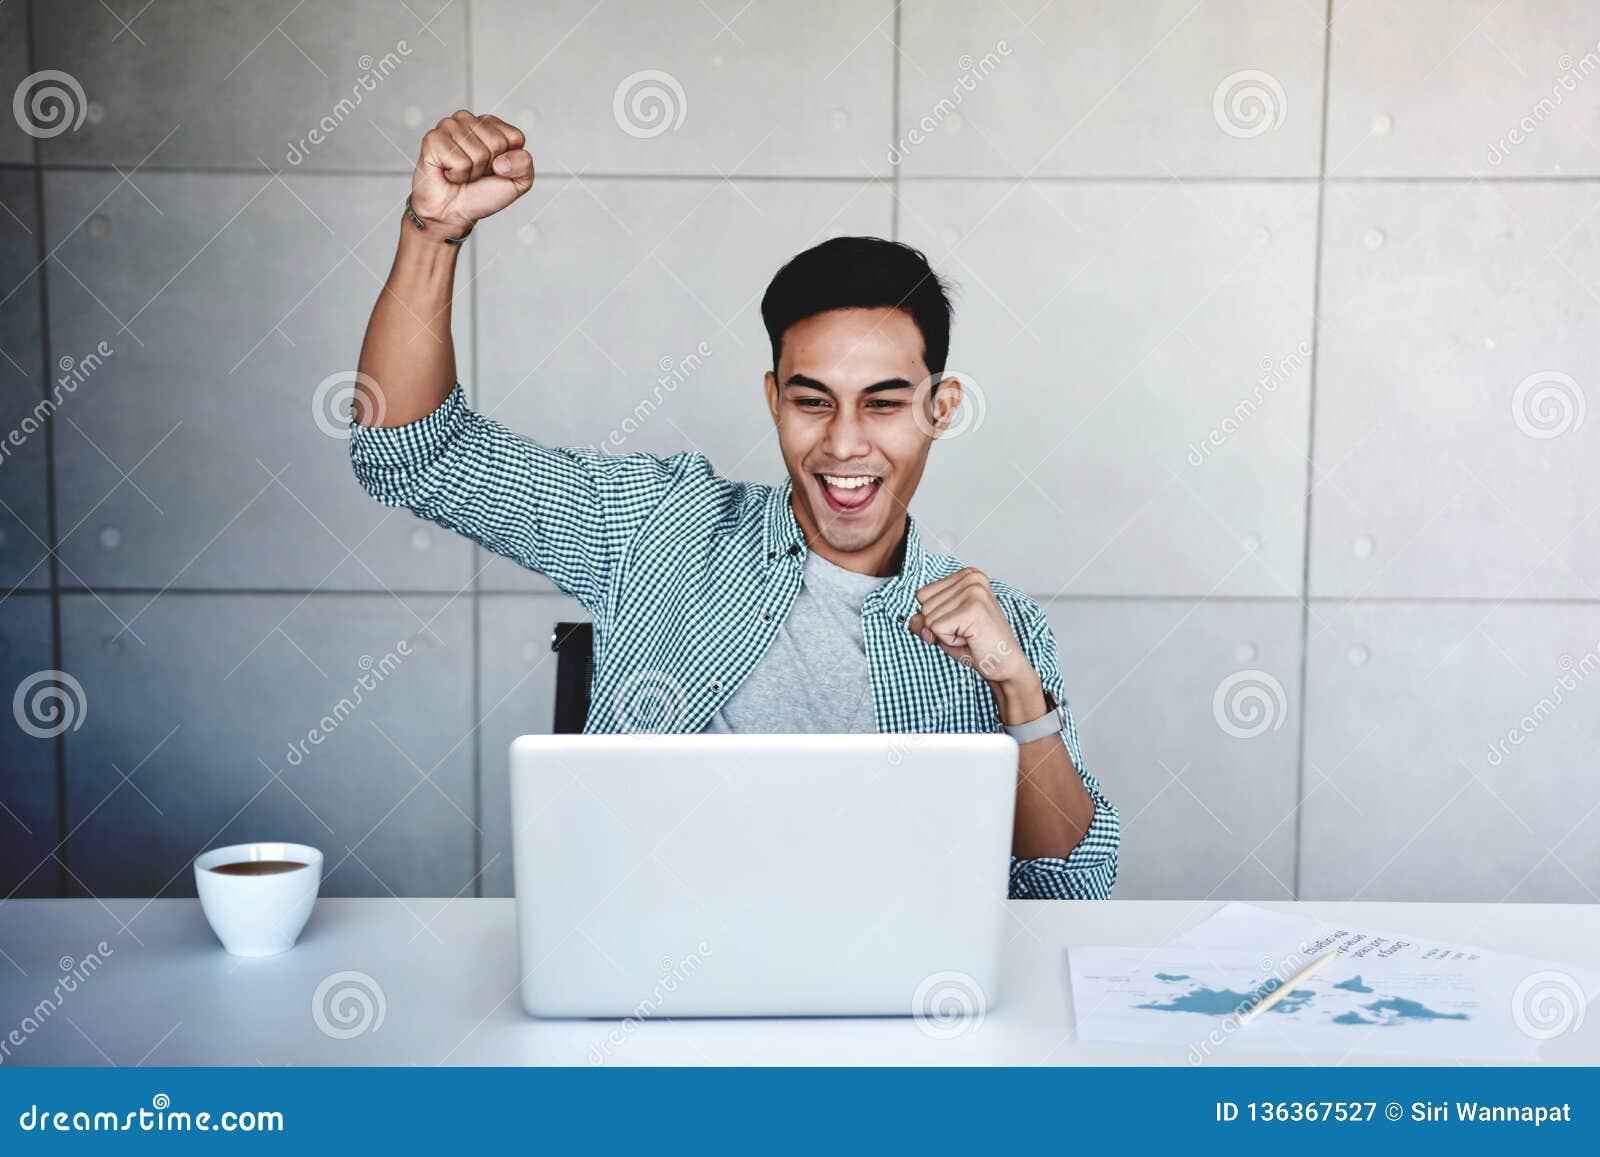 Pequeña empresa y concepto acertado Hombre de negocios asiático joven Glad para recibir buenas noticias o altos beneficios